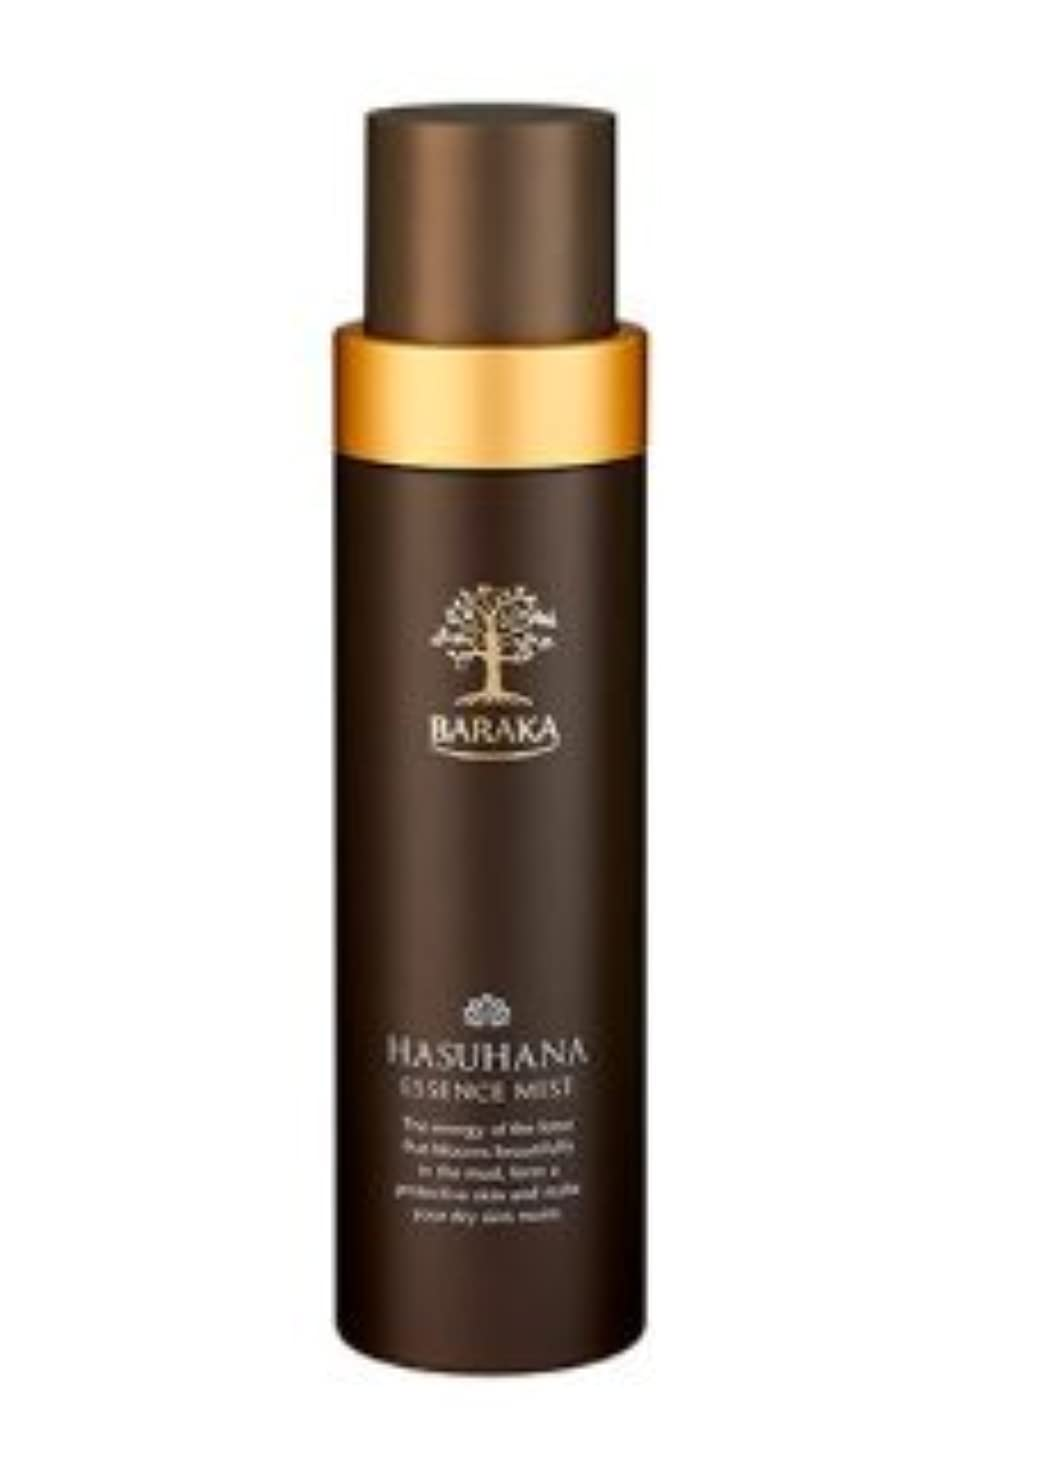 常習者を必要としています不安定BARAKA(バラカ) ハス花 エッセンス ミスト 150mL ミスト状化粧水